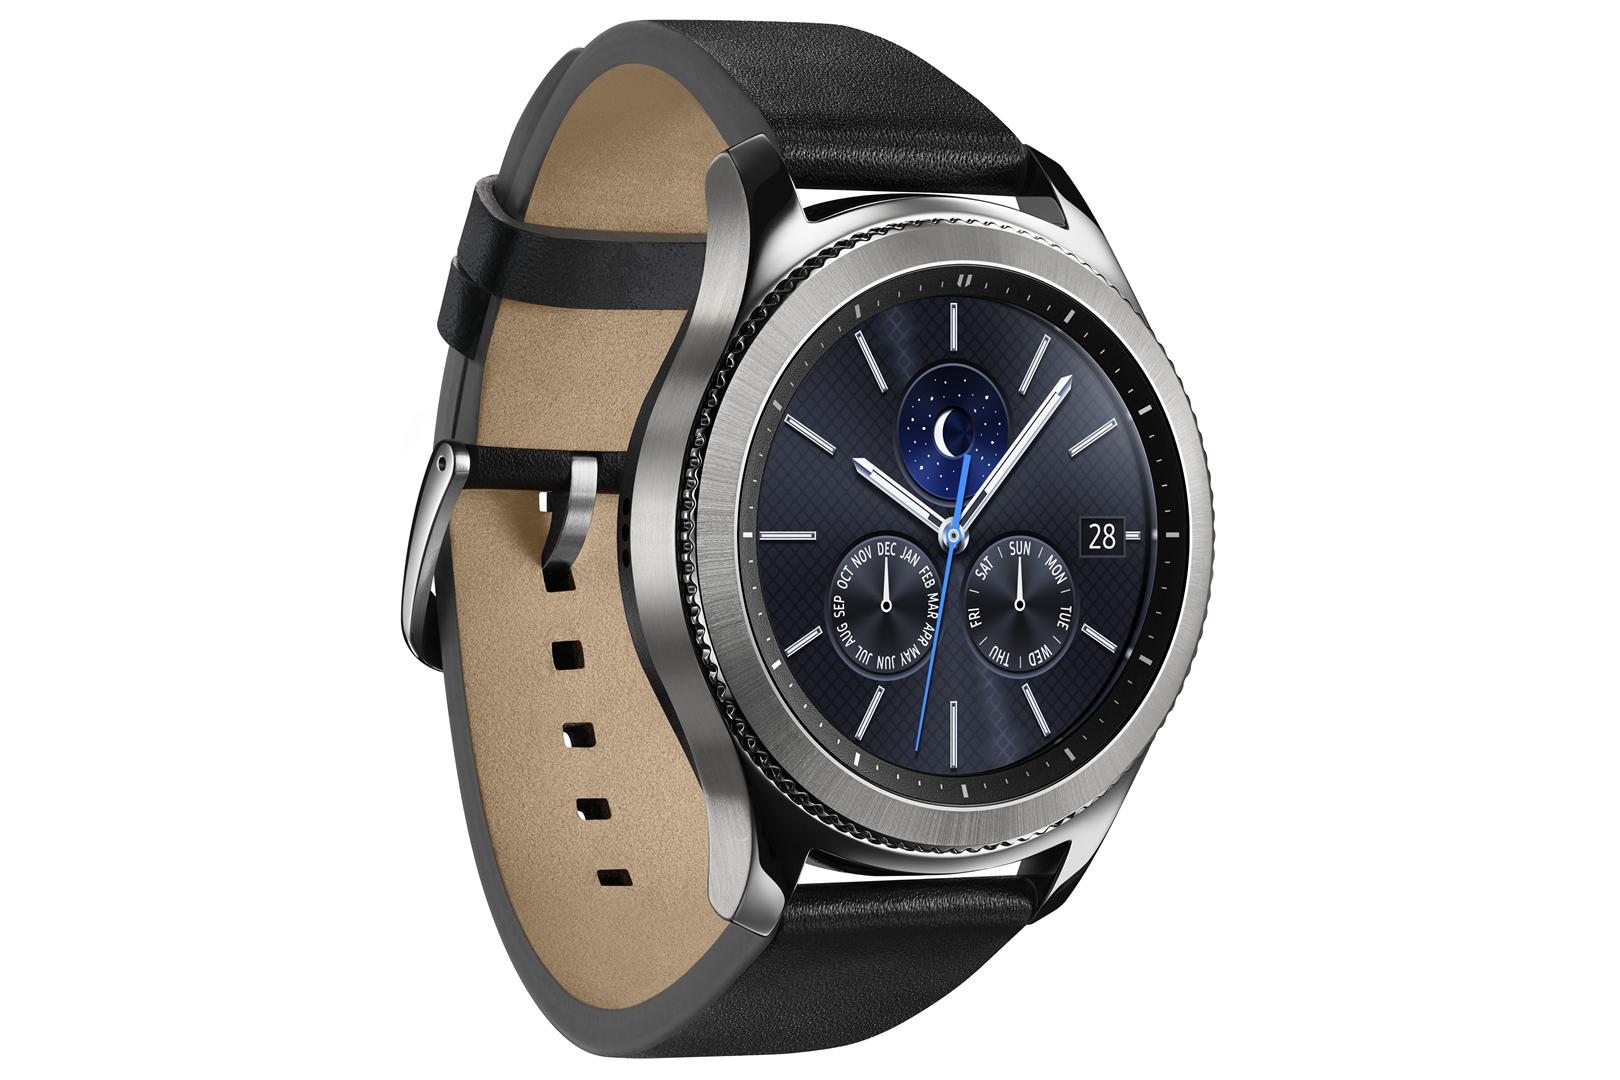 Išmanusis laikrodis SAMSUNG Gear S3 Black R770 4